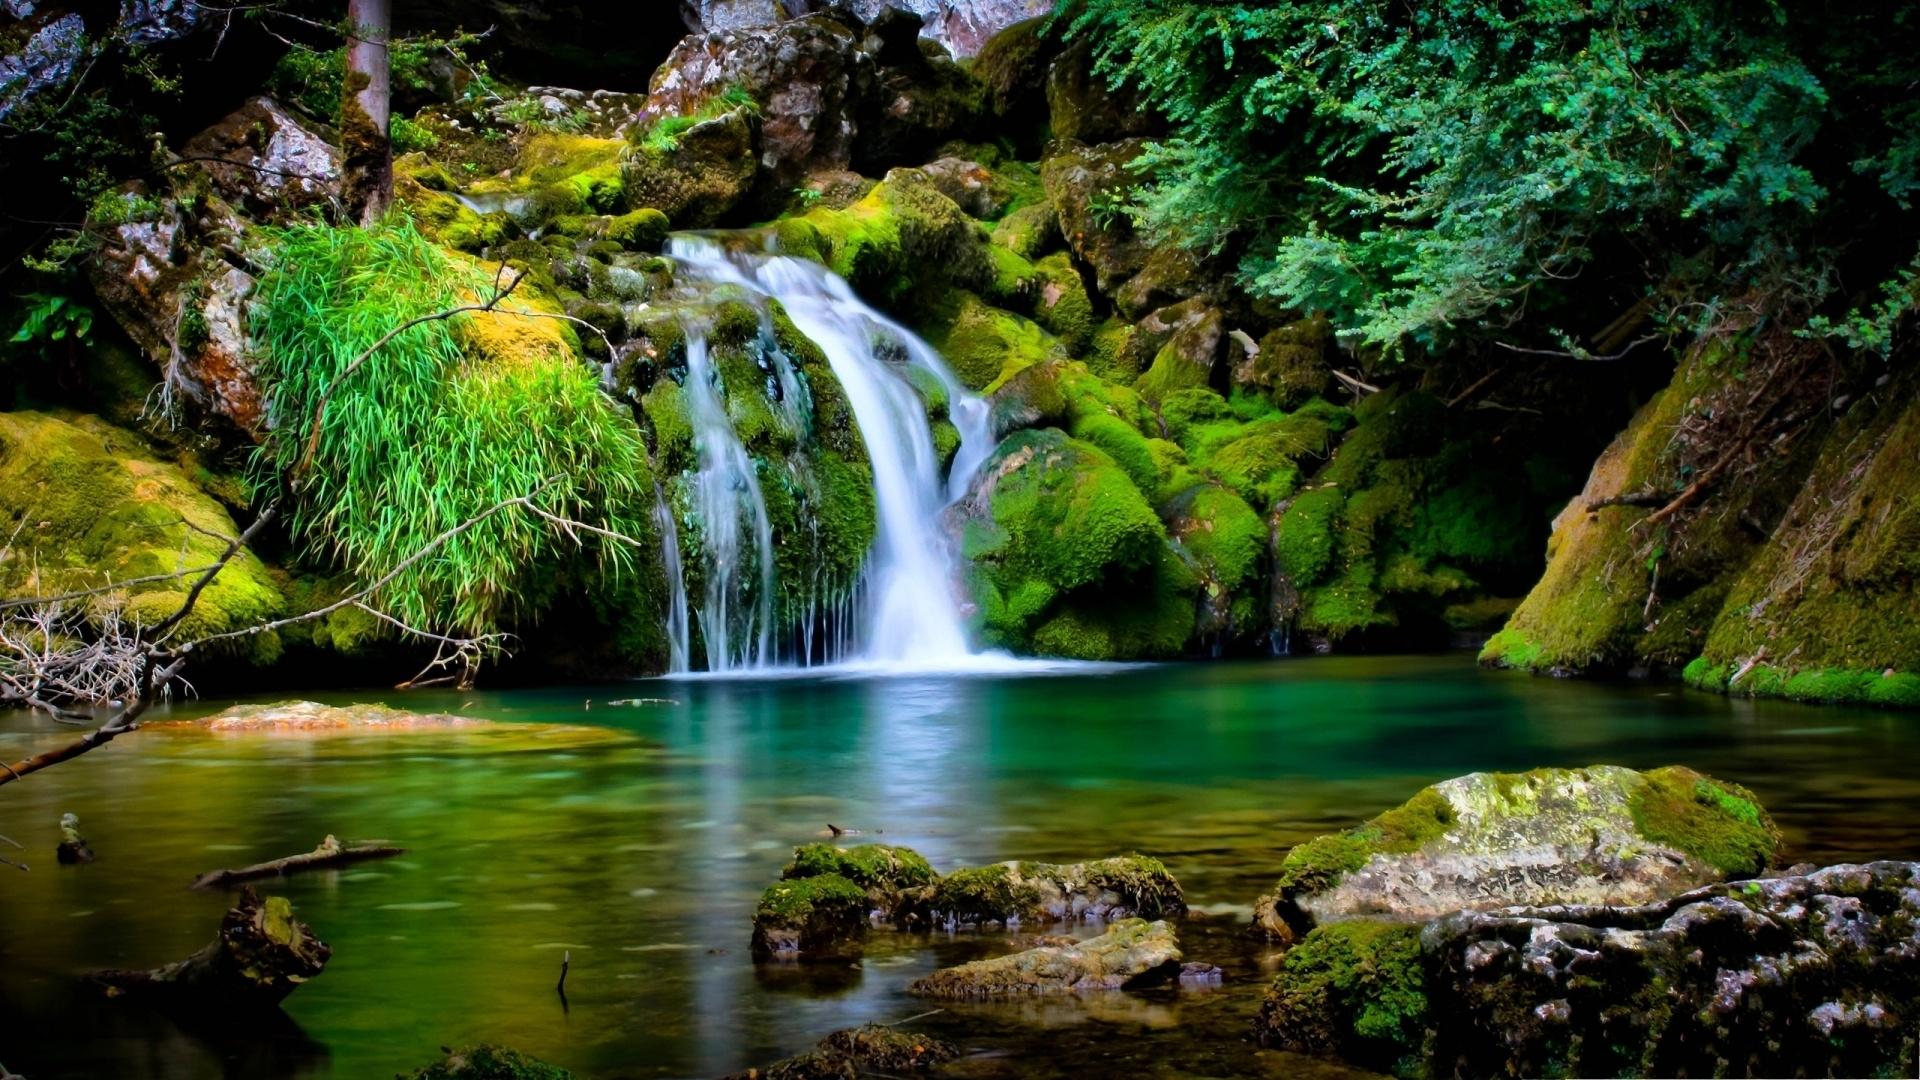 waterfall-scenery-free-hd-wallpapers-for-desktop - hd wallpaper